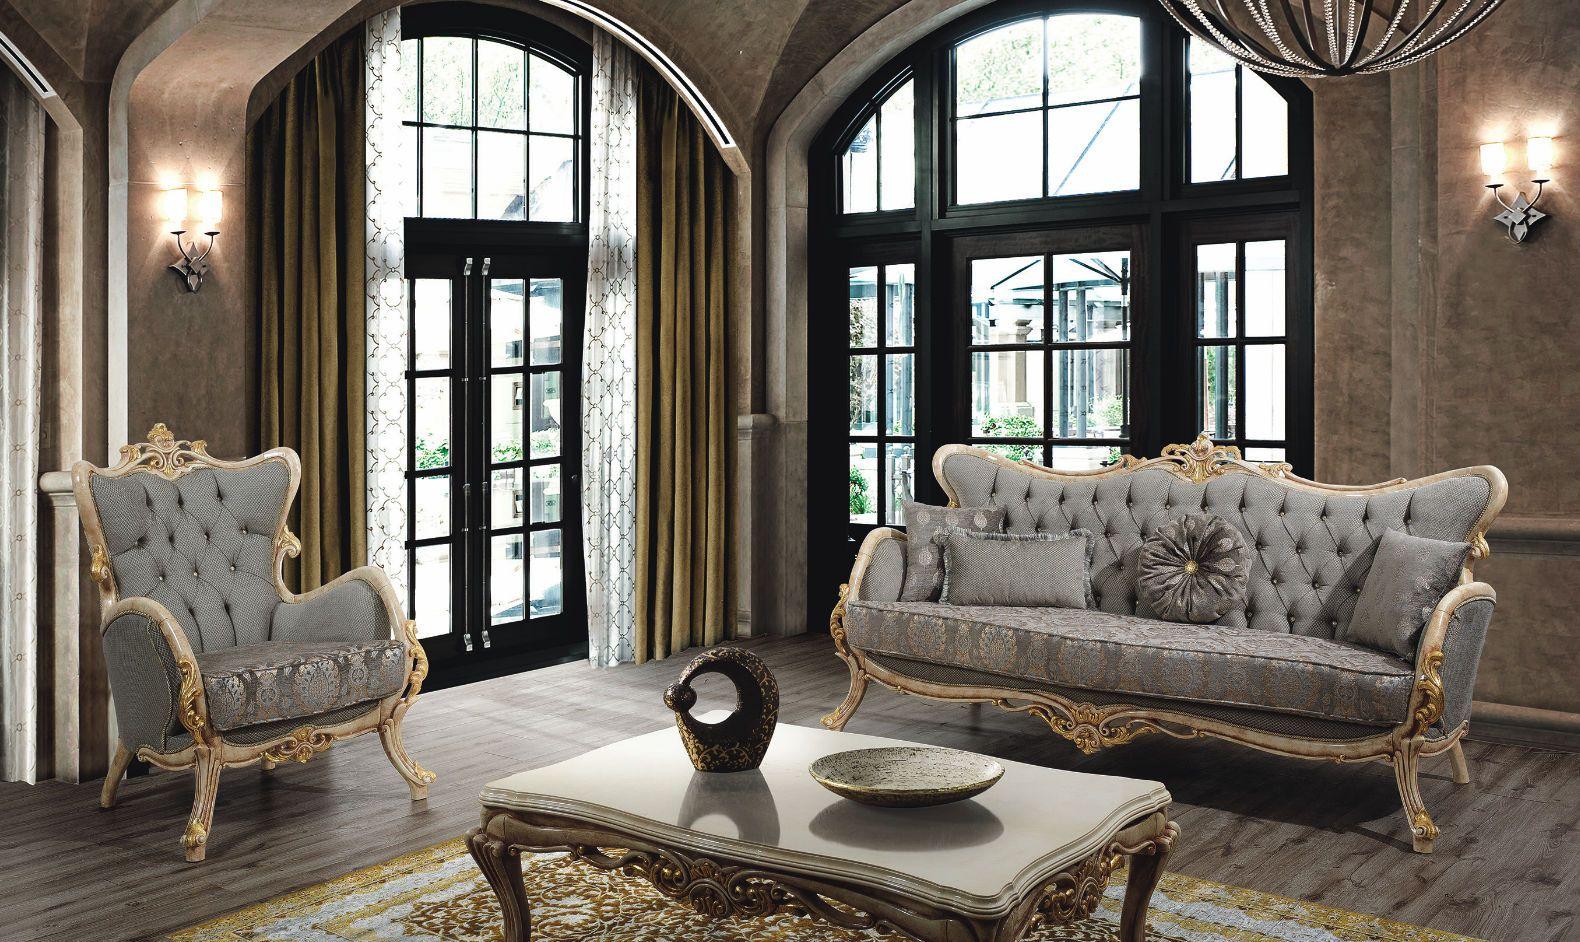 Geese Klasik Koltuk Takimi Modelleri Fiyatlari Tarz Mobilya Ev Dekoru Mobilya Mobilya Fikirleri